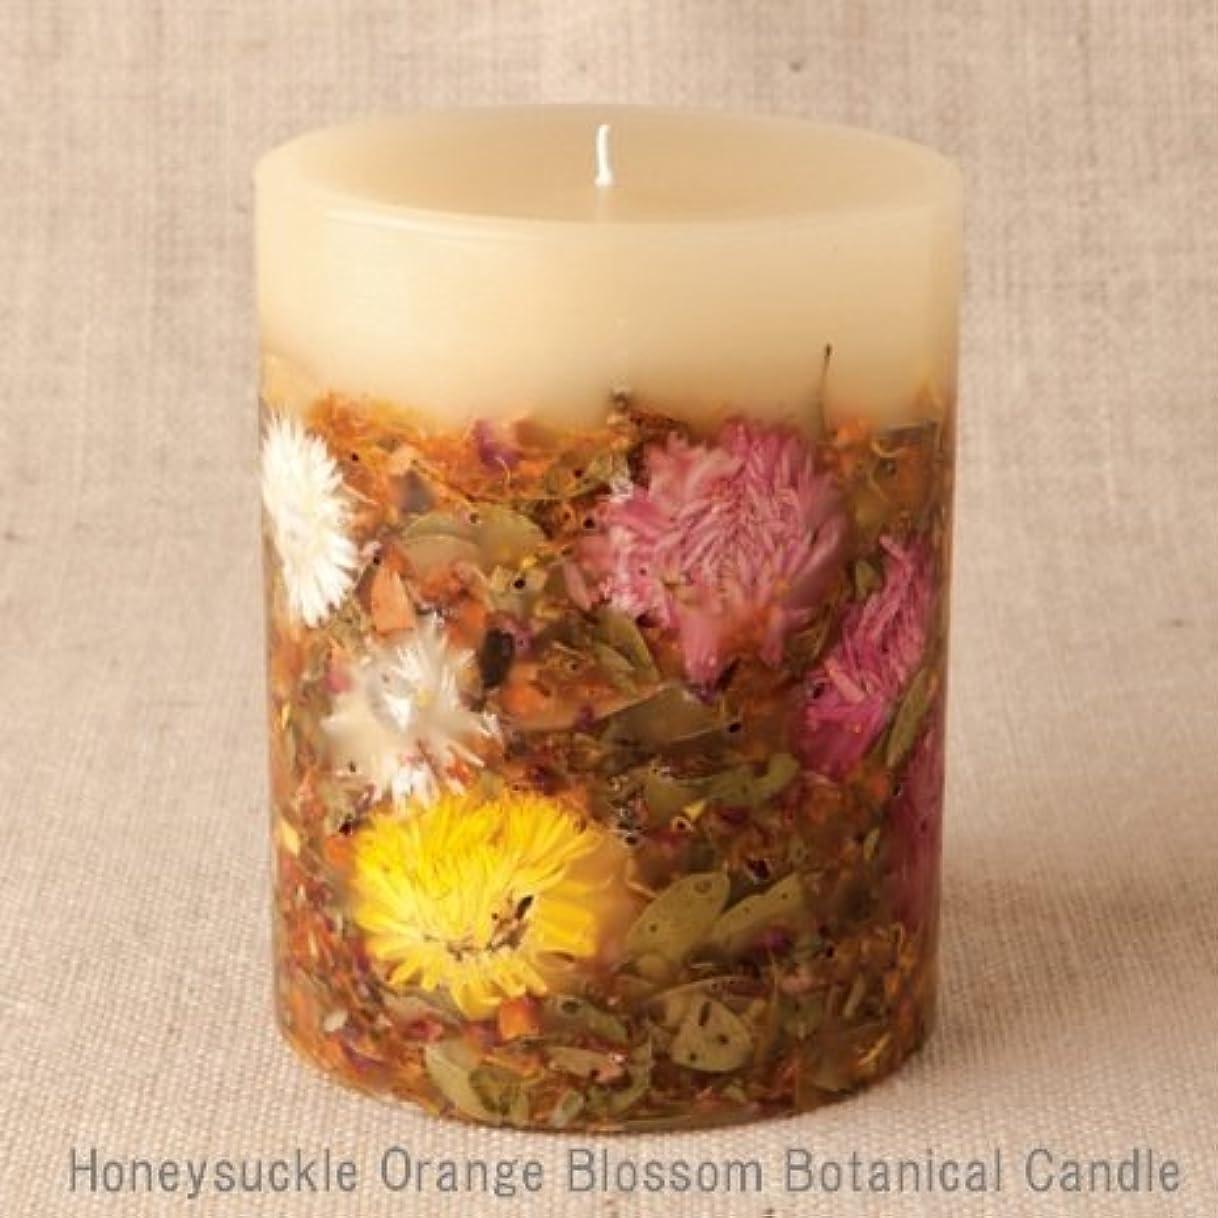 憂鬱進行中加速する【Rosy Rings ロージーリングス】 Botanical candle キャンドル ハニーサックルオレンジ&ブロッサム